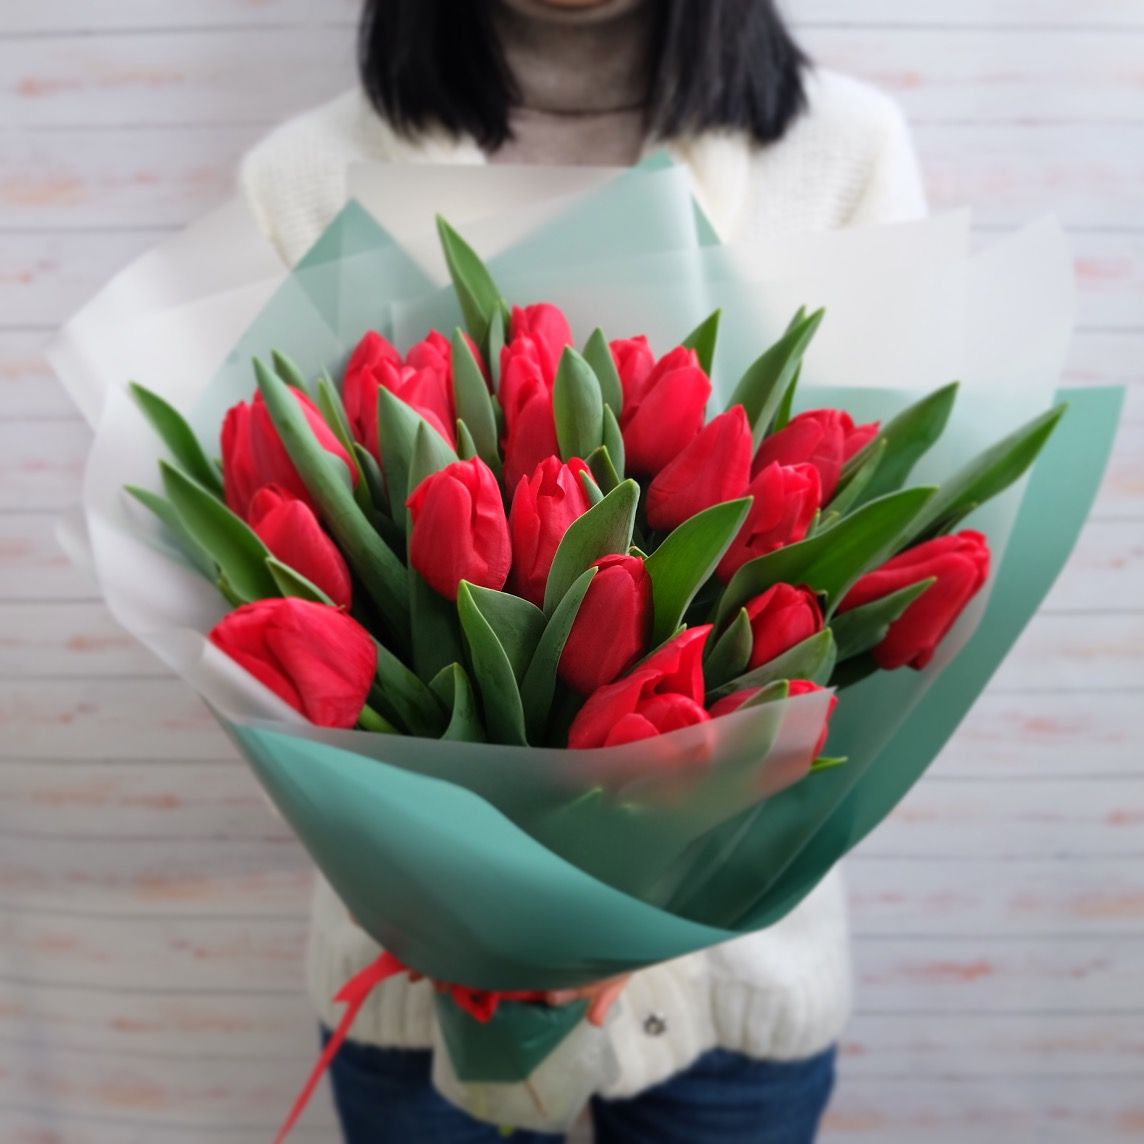 25 красных тюльпанов в букете Цветы в коробке Красные Venus in Fleurs